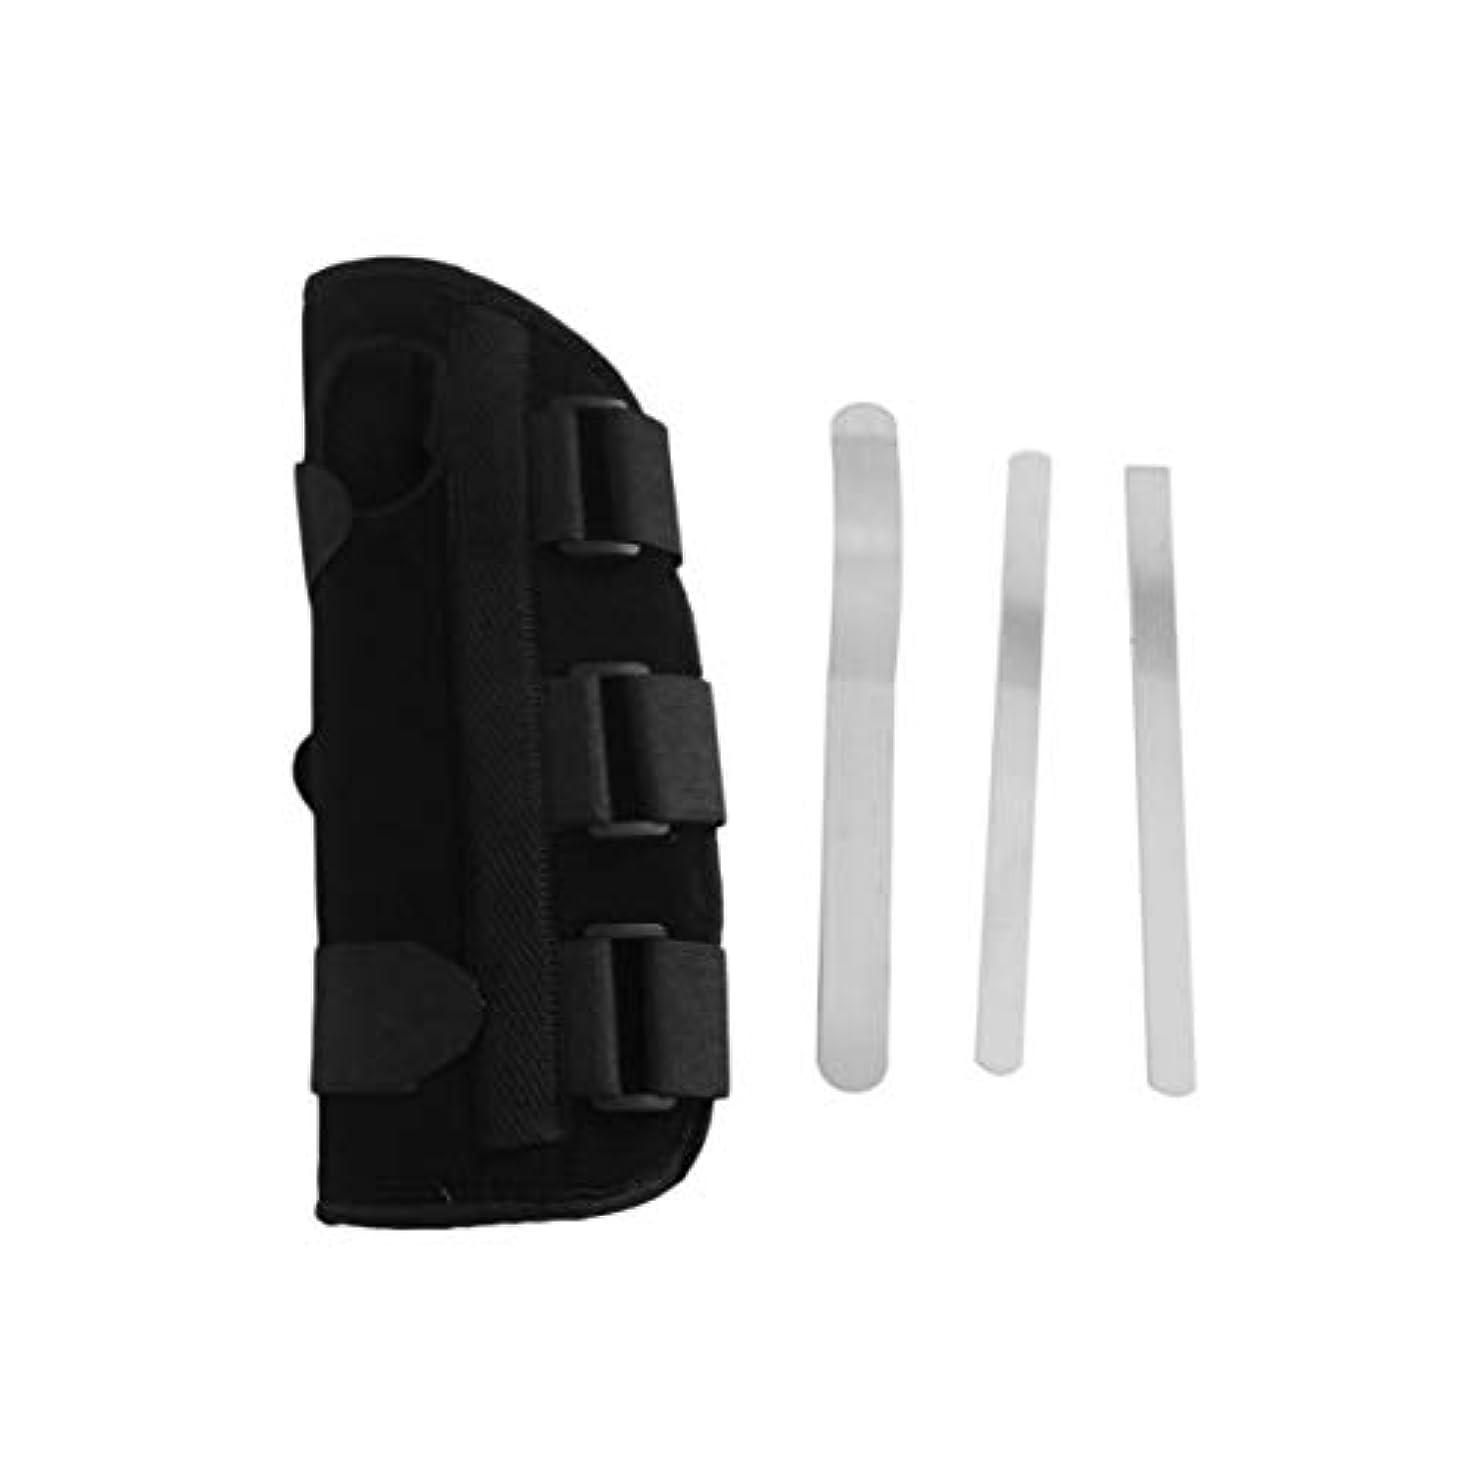 拘束多様なアミューズメント手首副木ブレース保護サポートストラップカルペルトンネルCTS RSI痛み軽減リムーバブル副木快適な軽量ストラップ - ブラックM